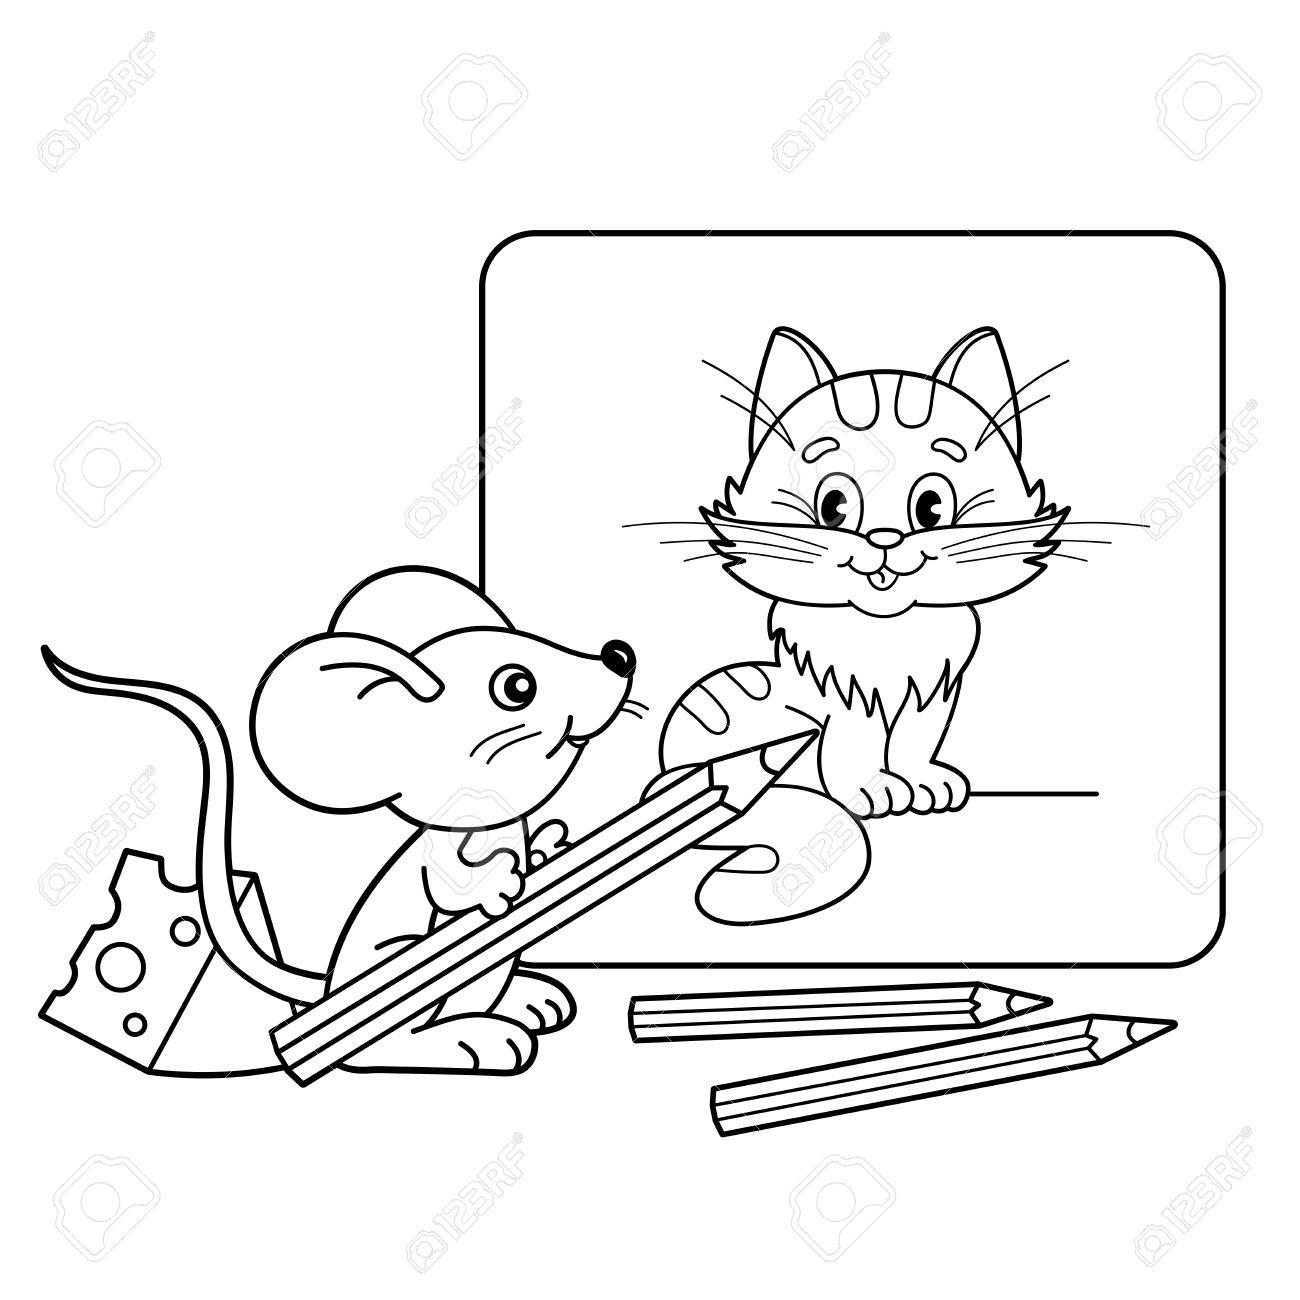 ぬりえページ概要の猫の写真と鉛筆と小さなマウスを漫画します子供の